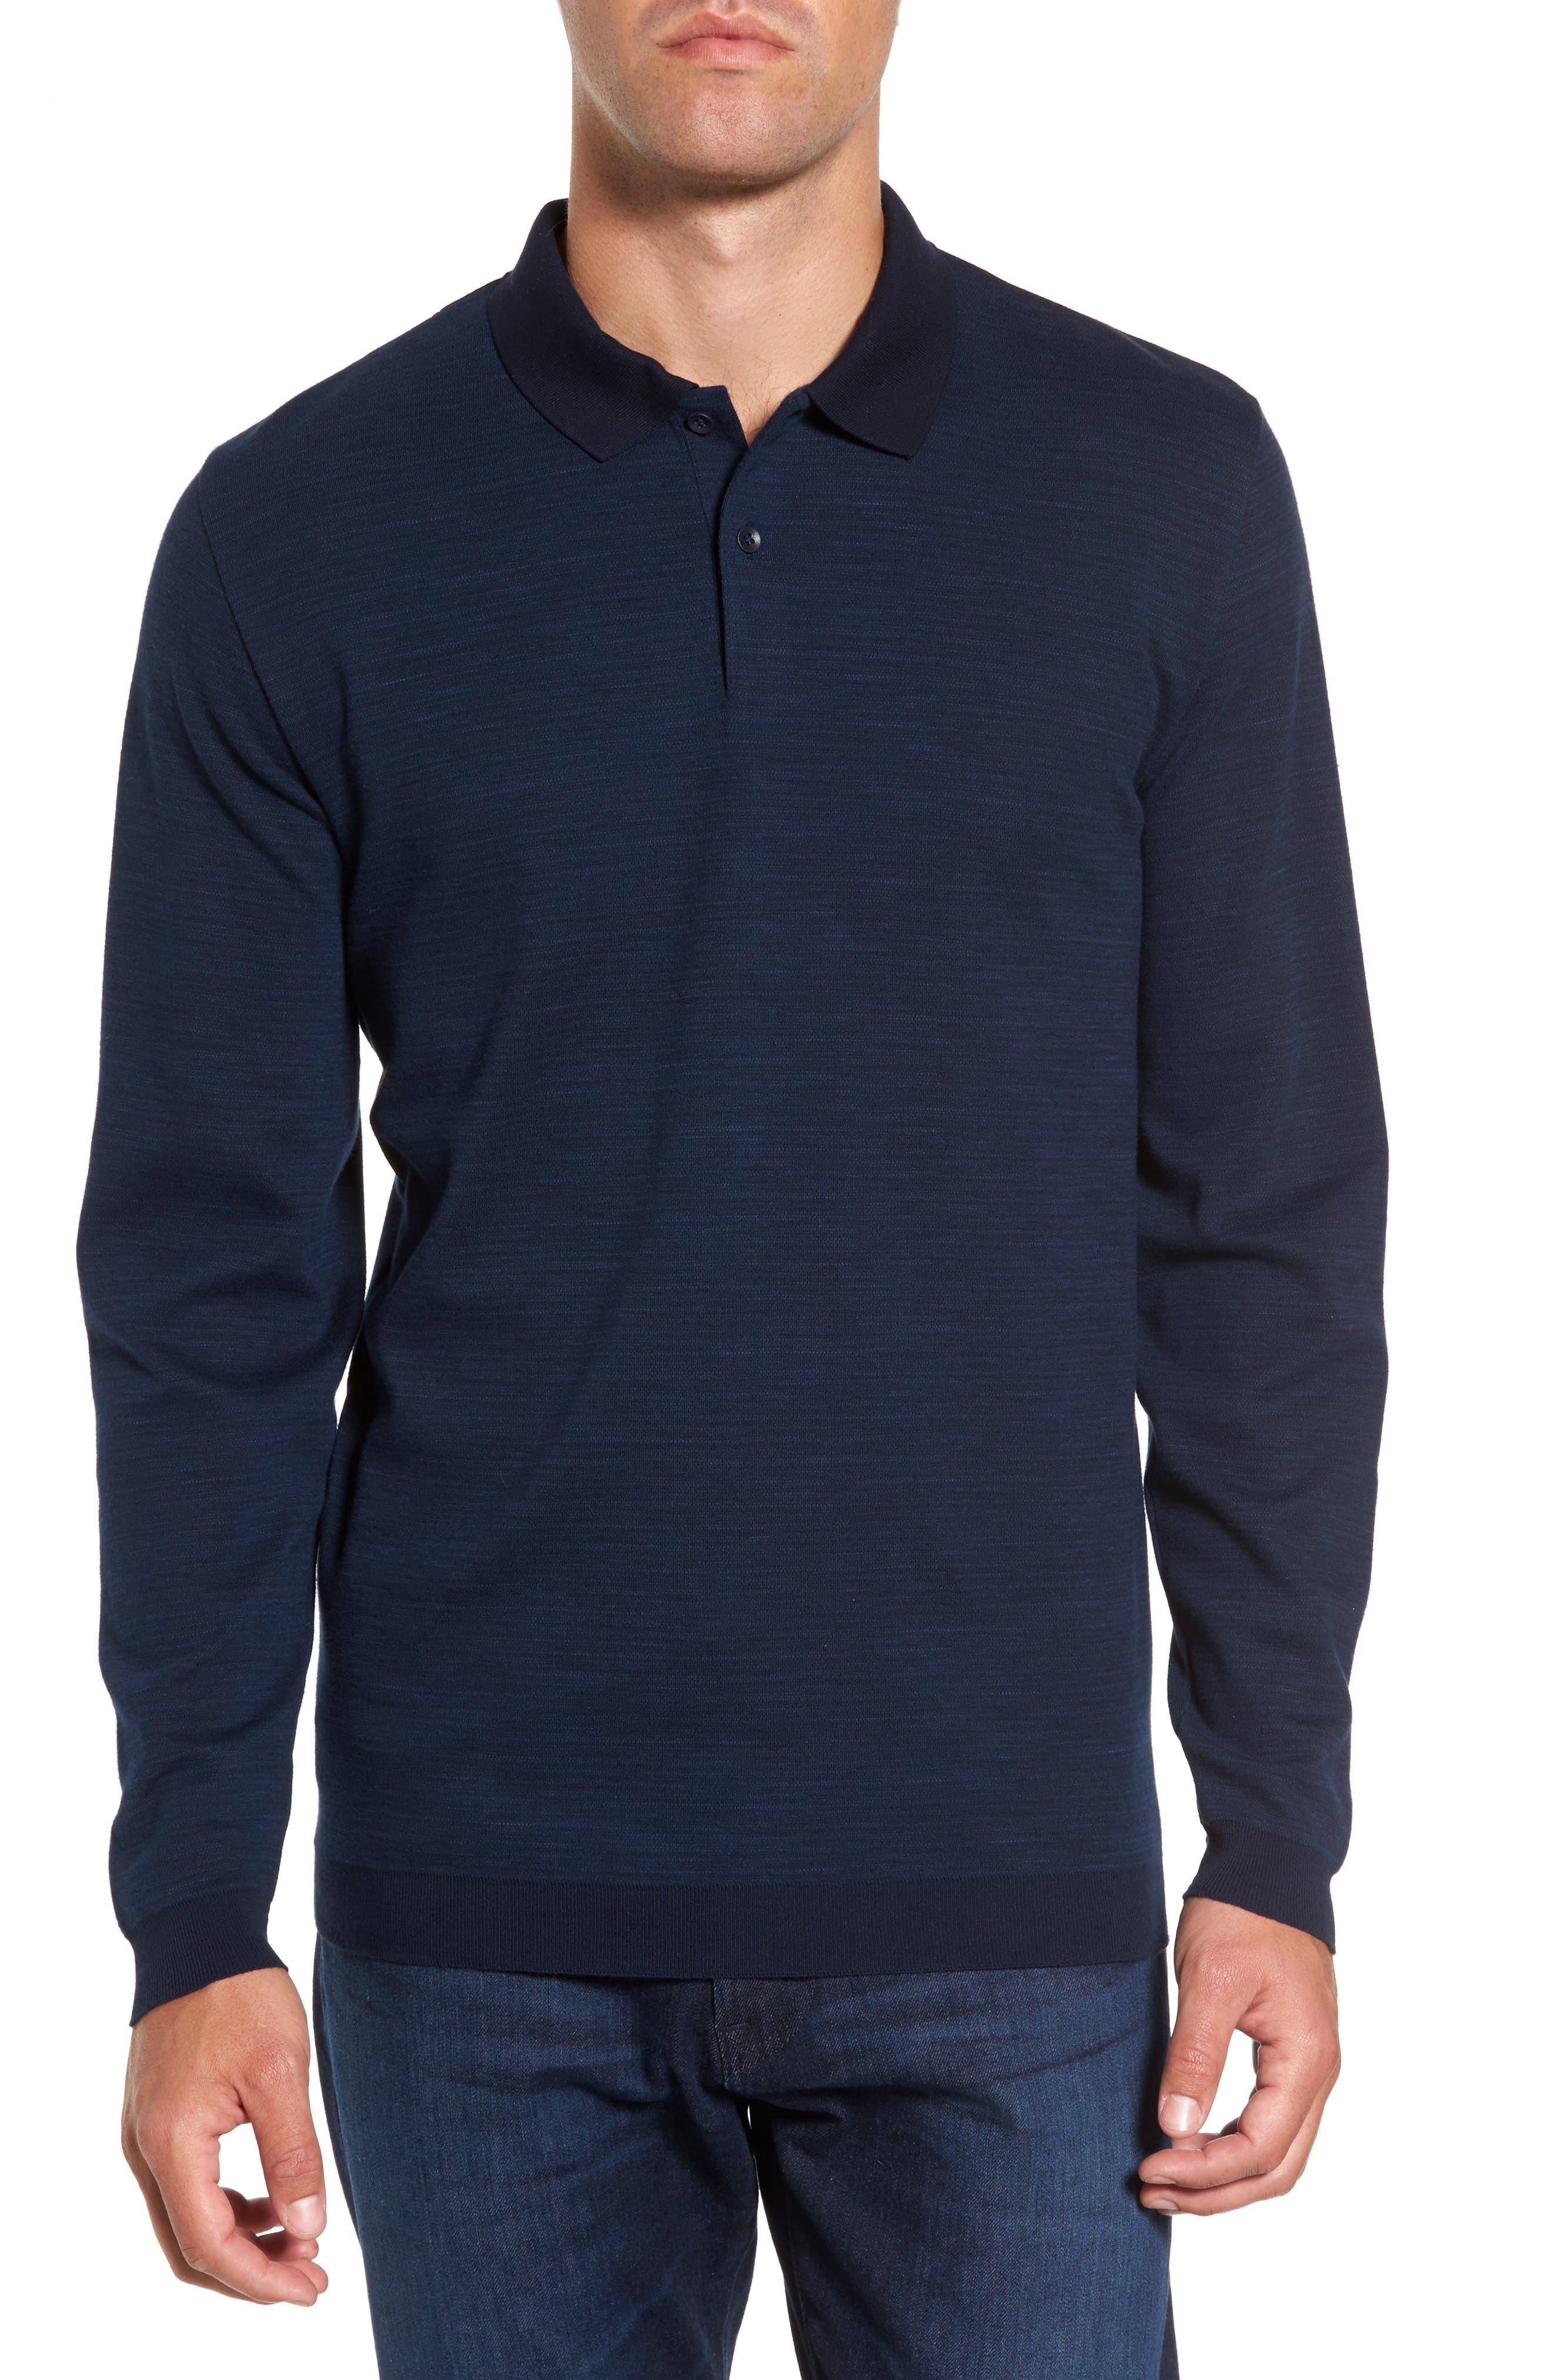 Alternate Image 1 Selected - Rodd & Gunn Shelton Cotton Sweater